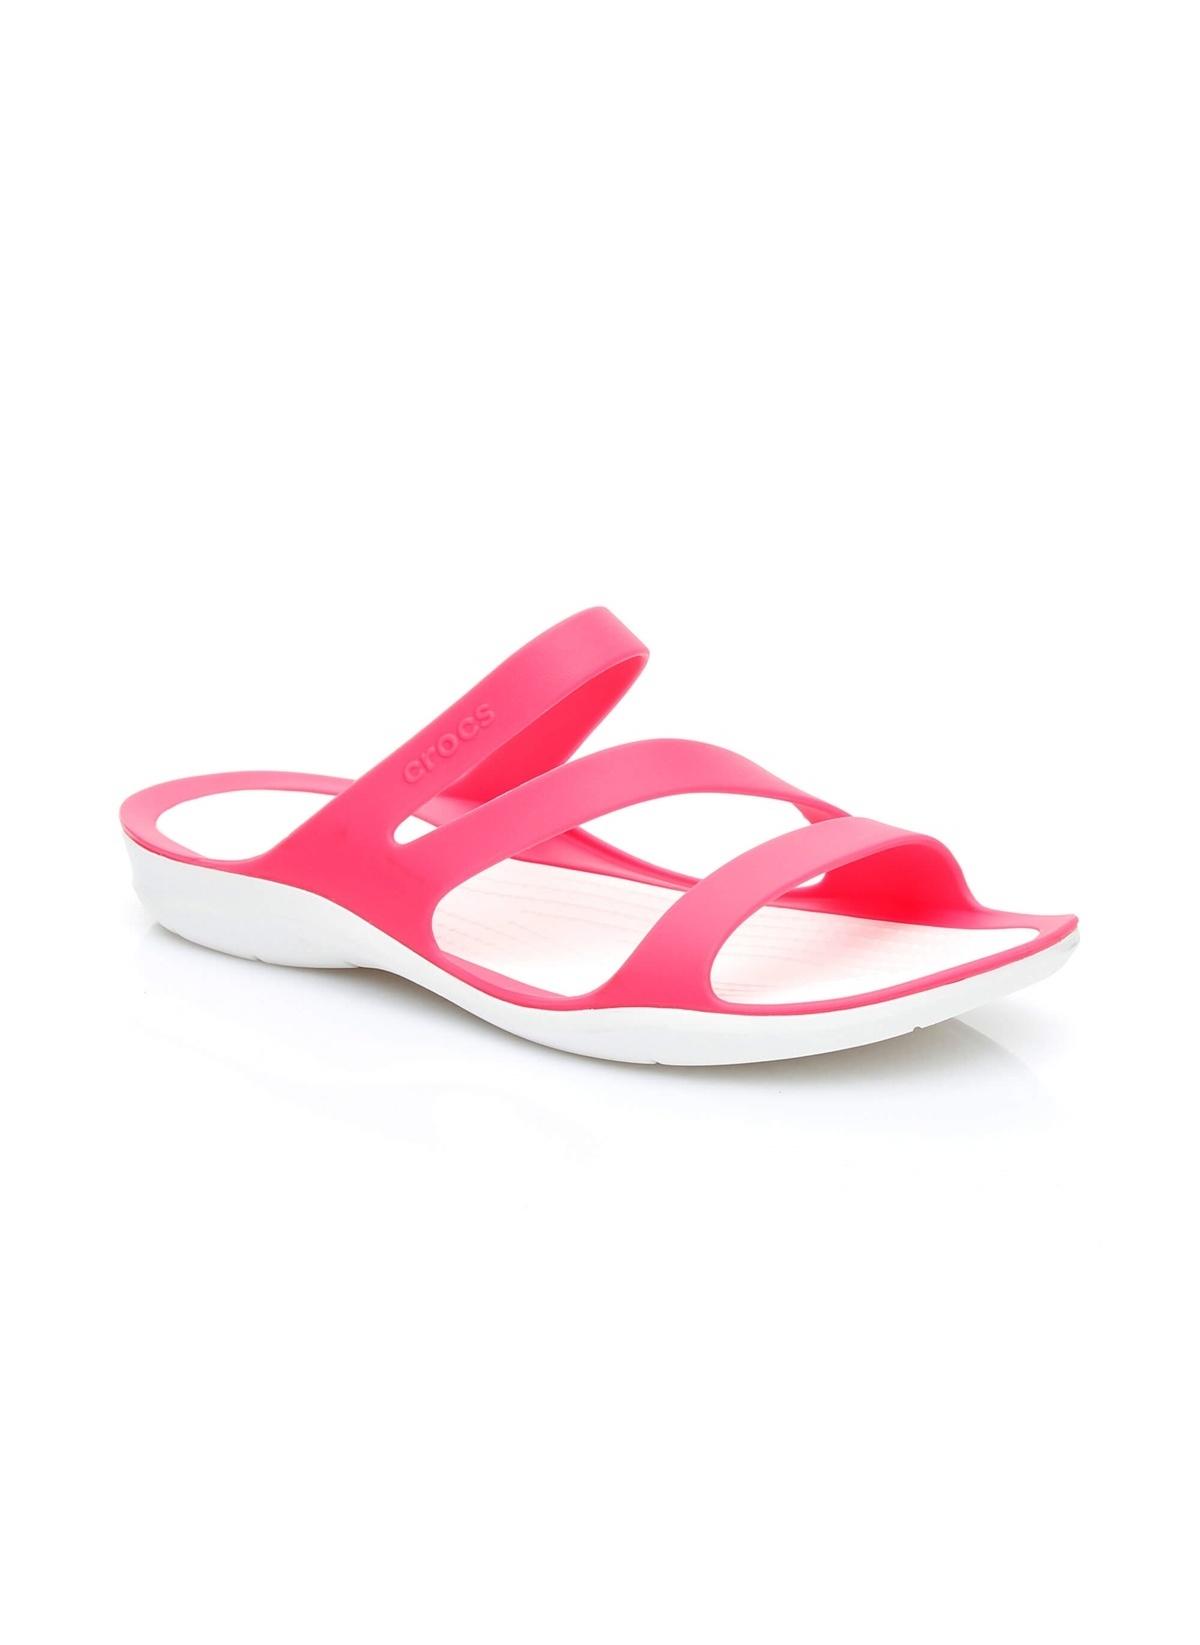 Crocs Plaj Terliği 203998 Swiftwater Sandal Pembe Terlik – 149.0 TL